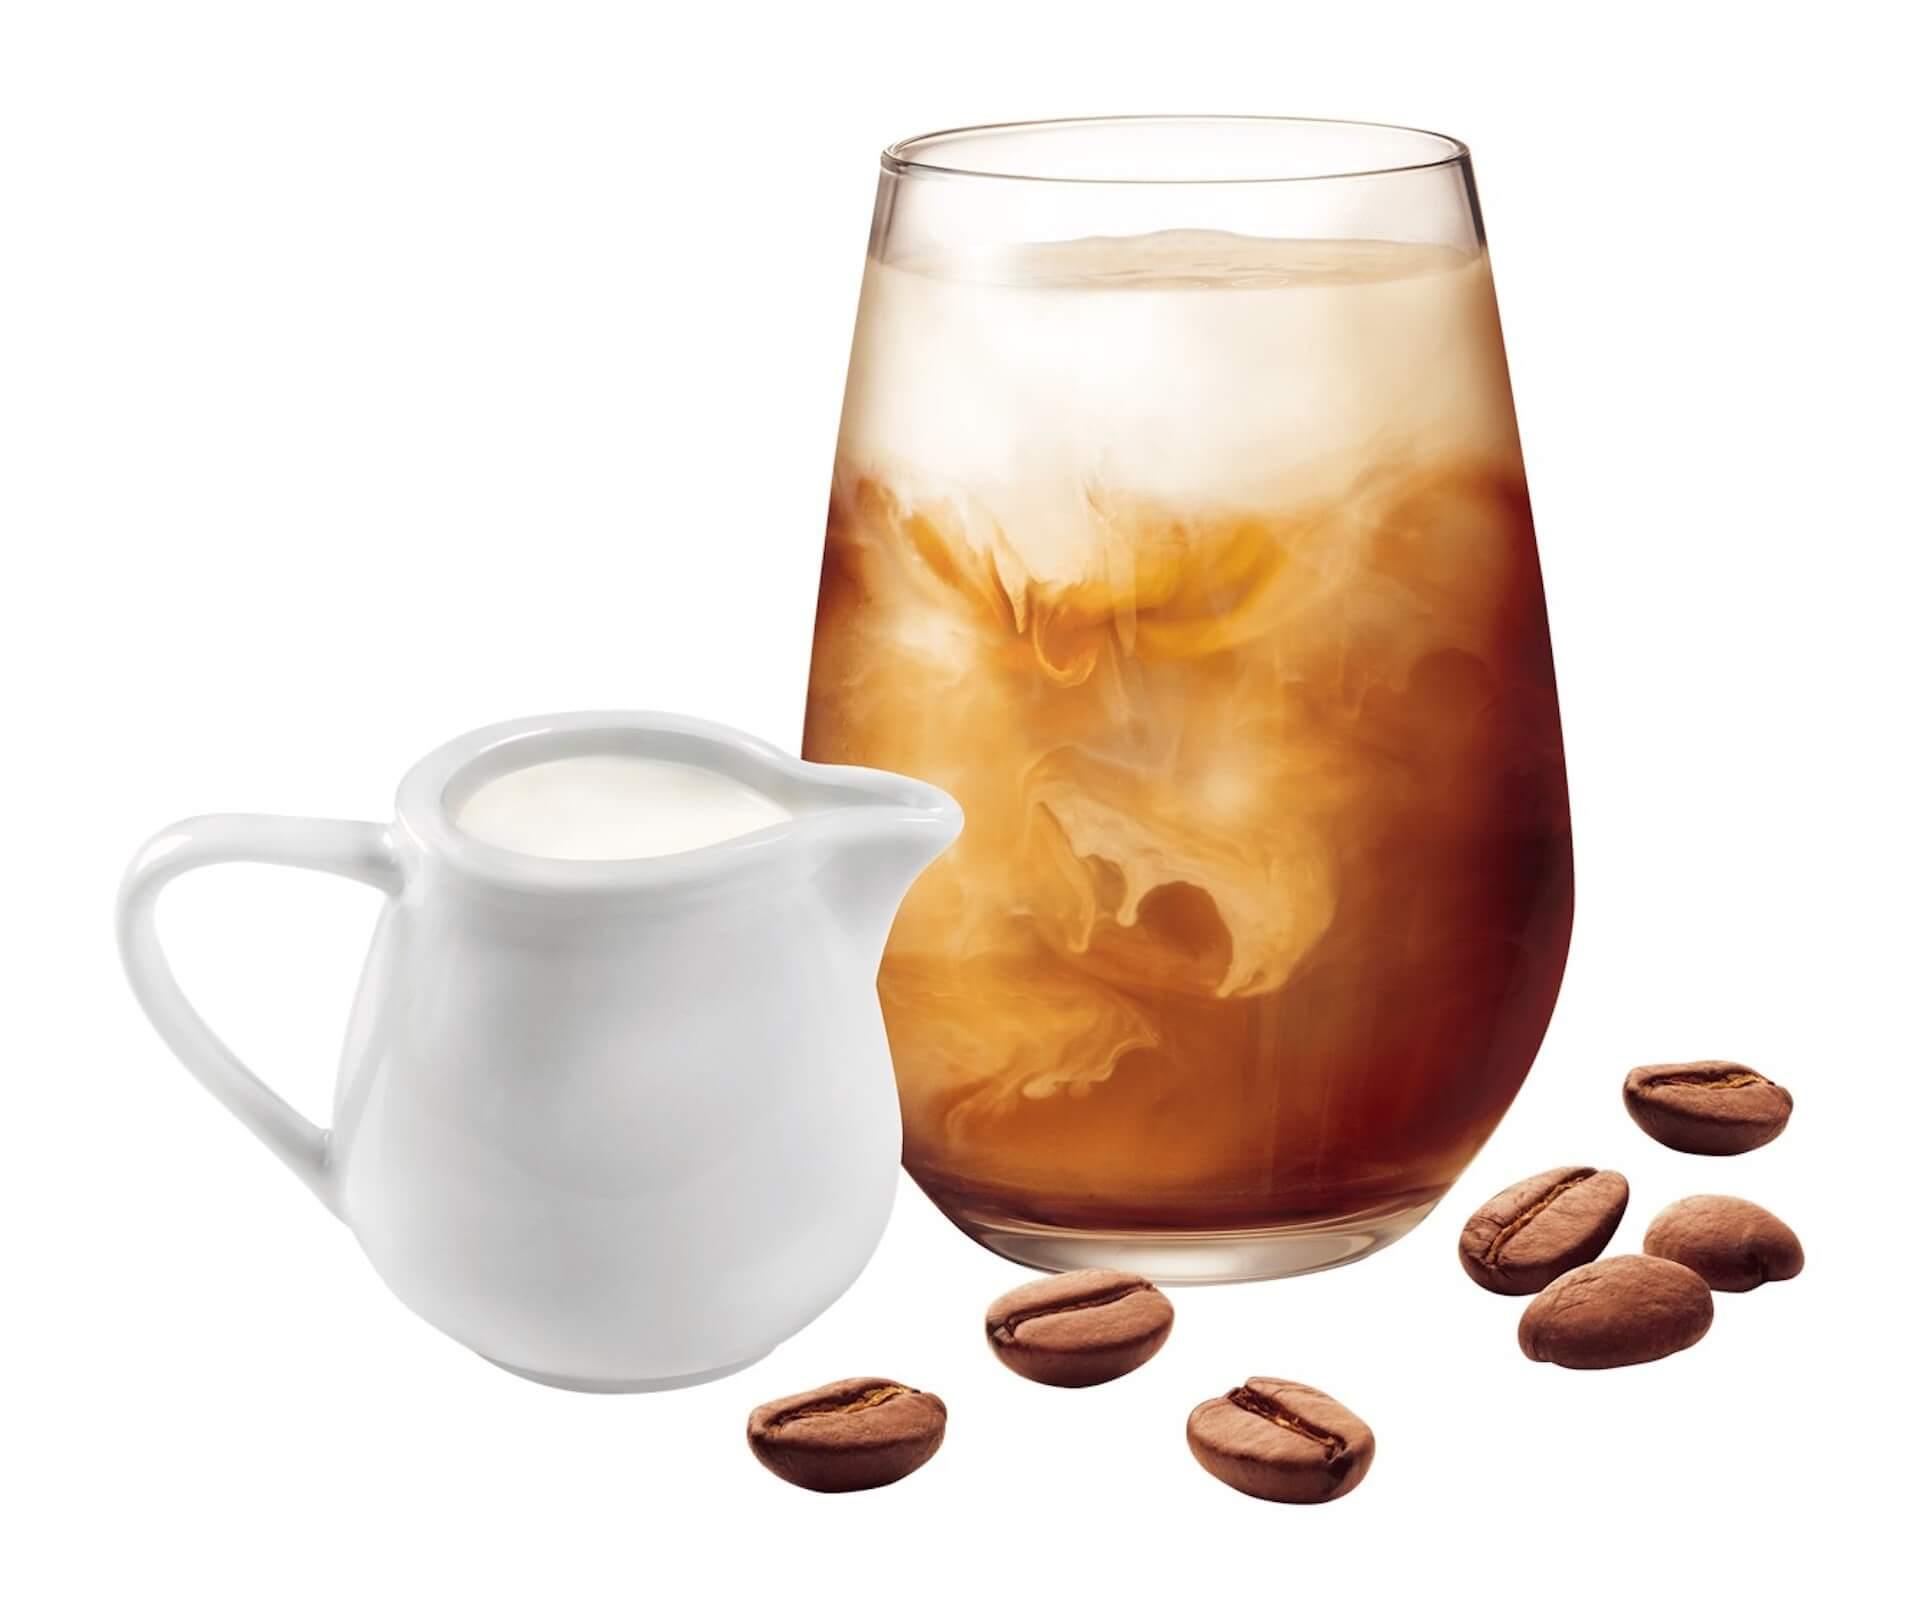 ハーゲンダッツ クリスピーサンドからミルクコーヒーの味わいたっぷりの『香り広がるミルクコーヒー』が新発売! gourmet210610_haagendazs_4